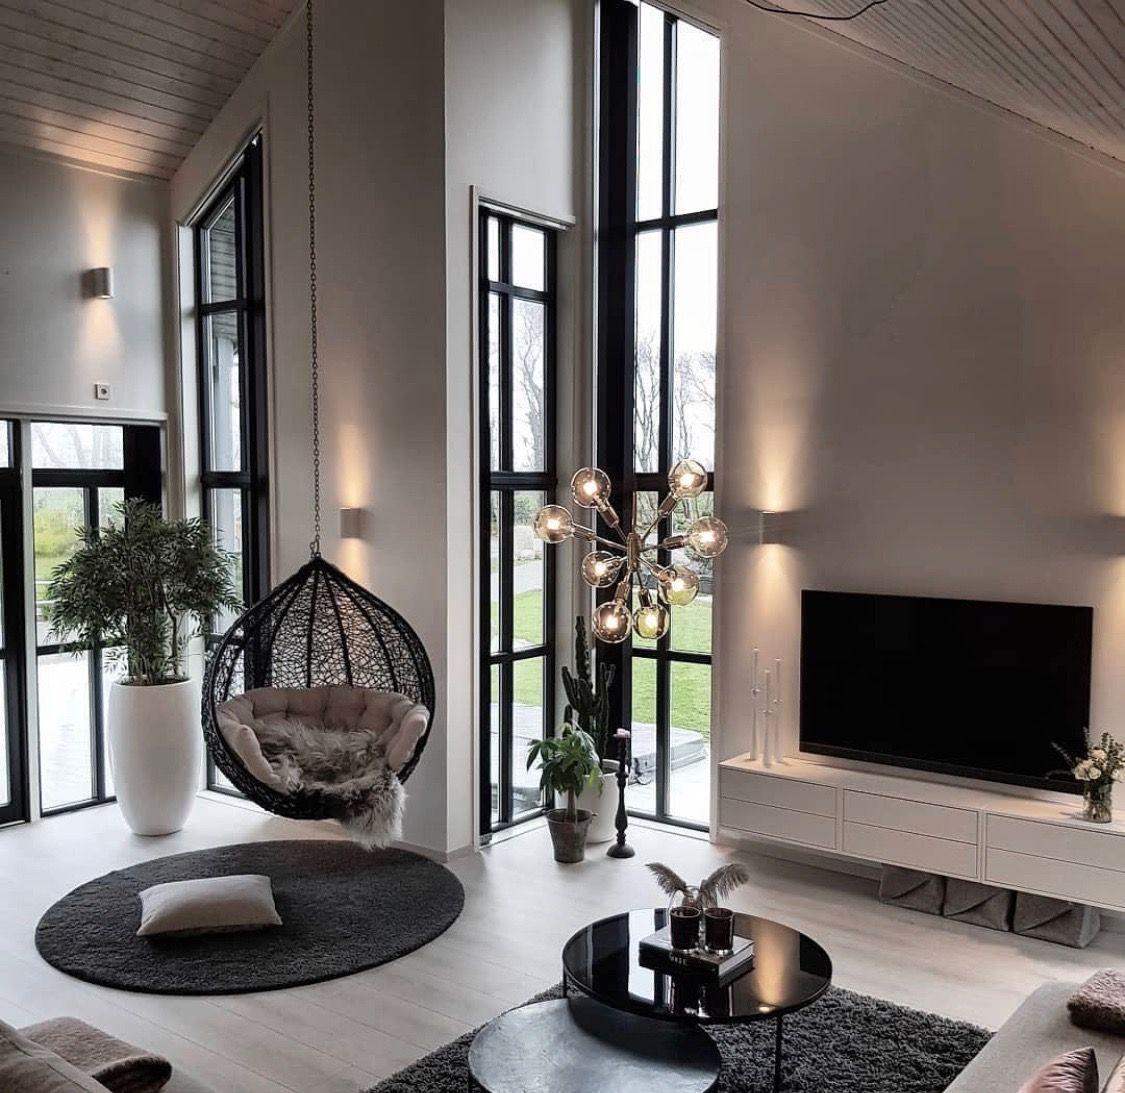 Gli arredamenti moderni proposti da la casa moderna per realizzare la tua idea di casa. Pin By Fontane Danzanti On Modern House Interior Decor Scandi Living Room Home Interior Design